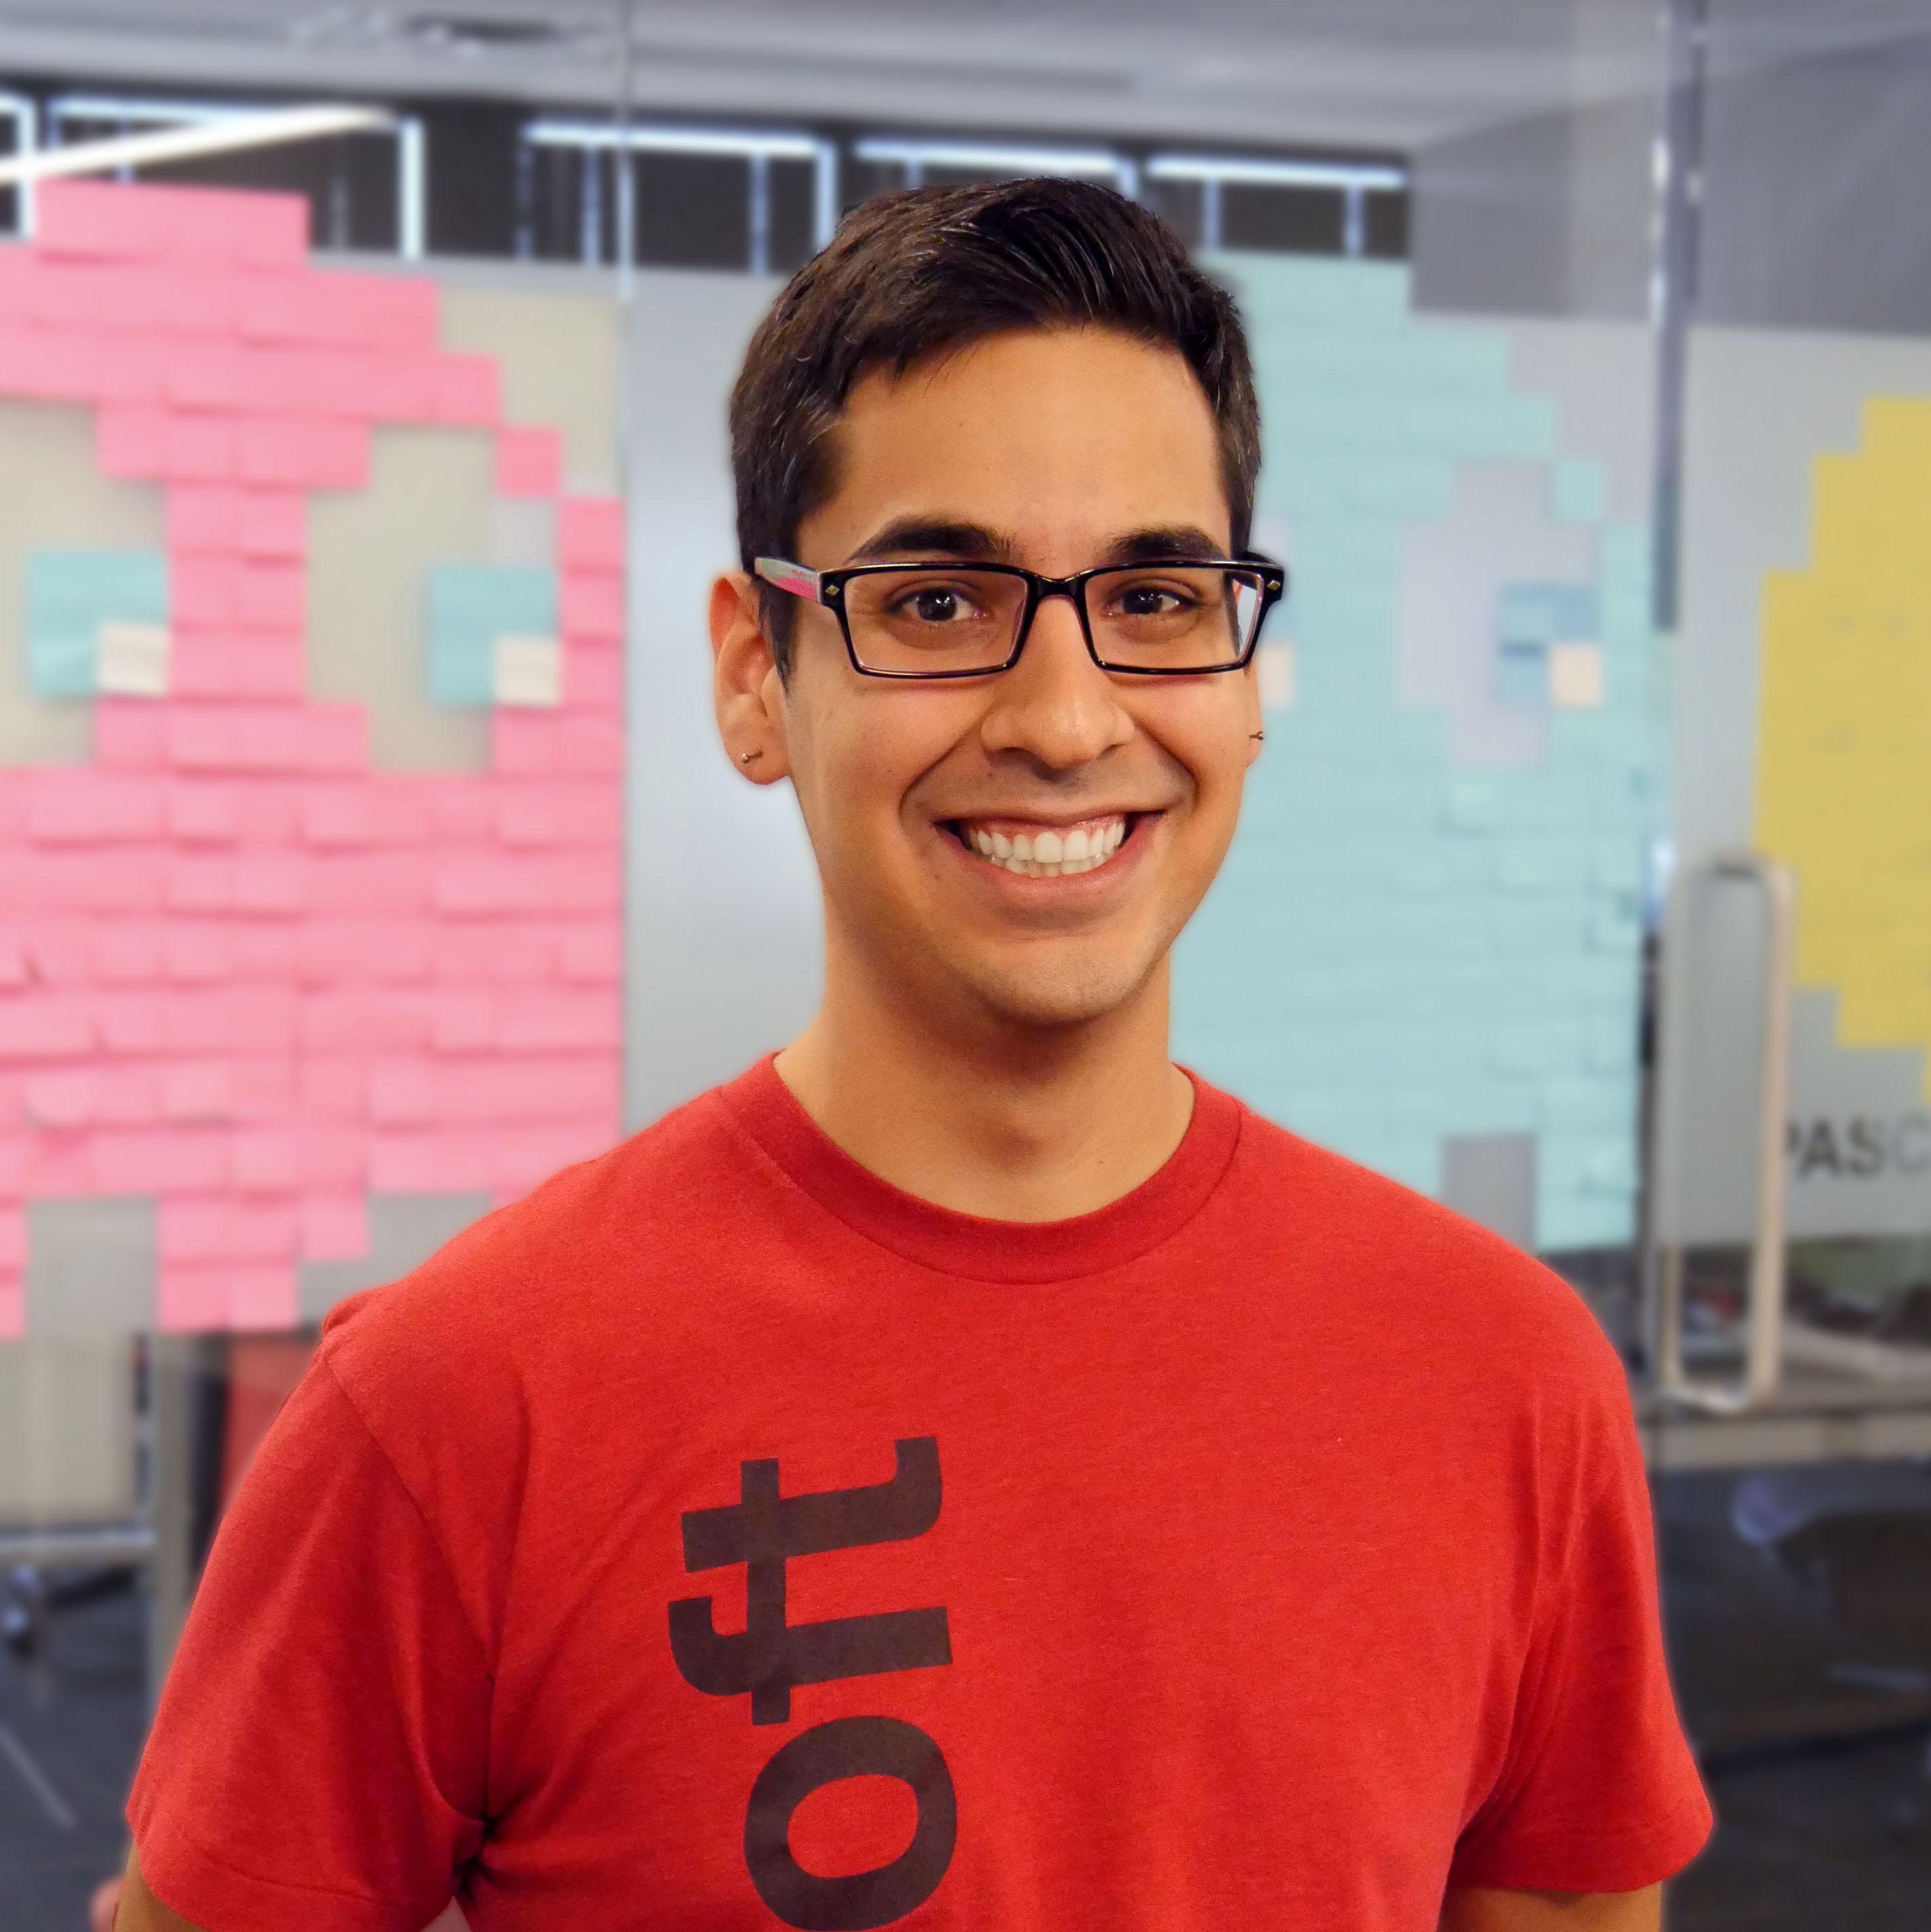 Jonathan-Bio-Photo-square2.jpeg